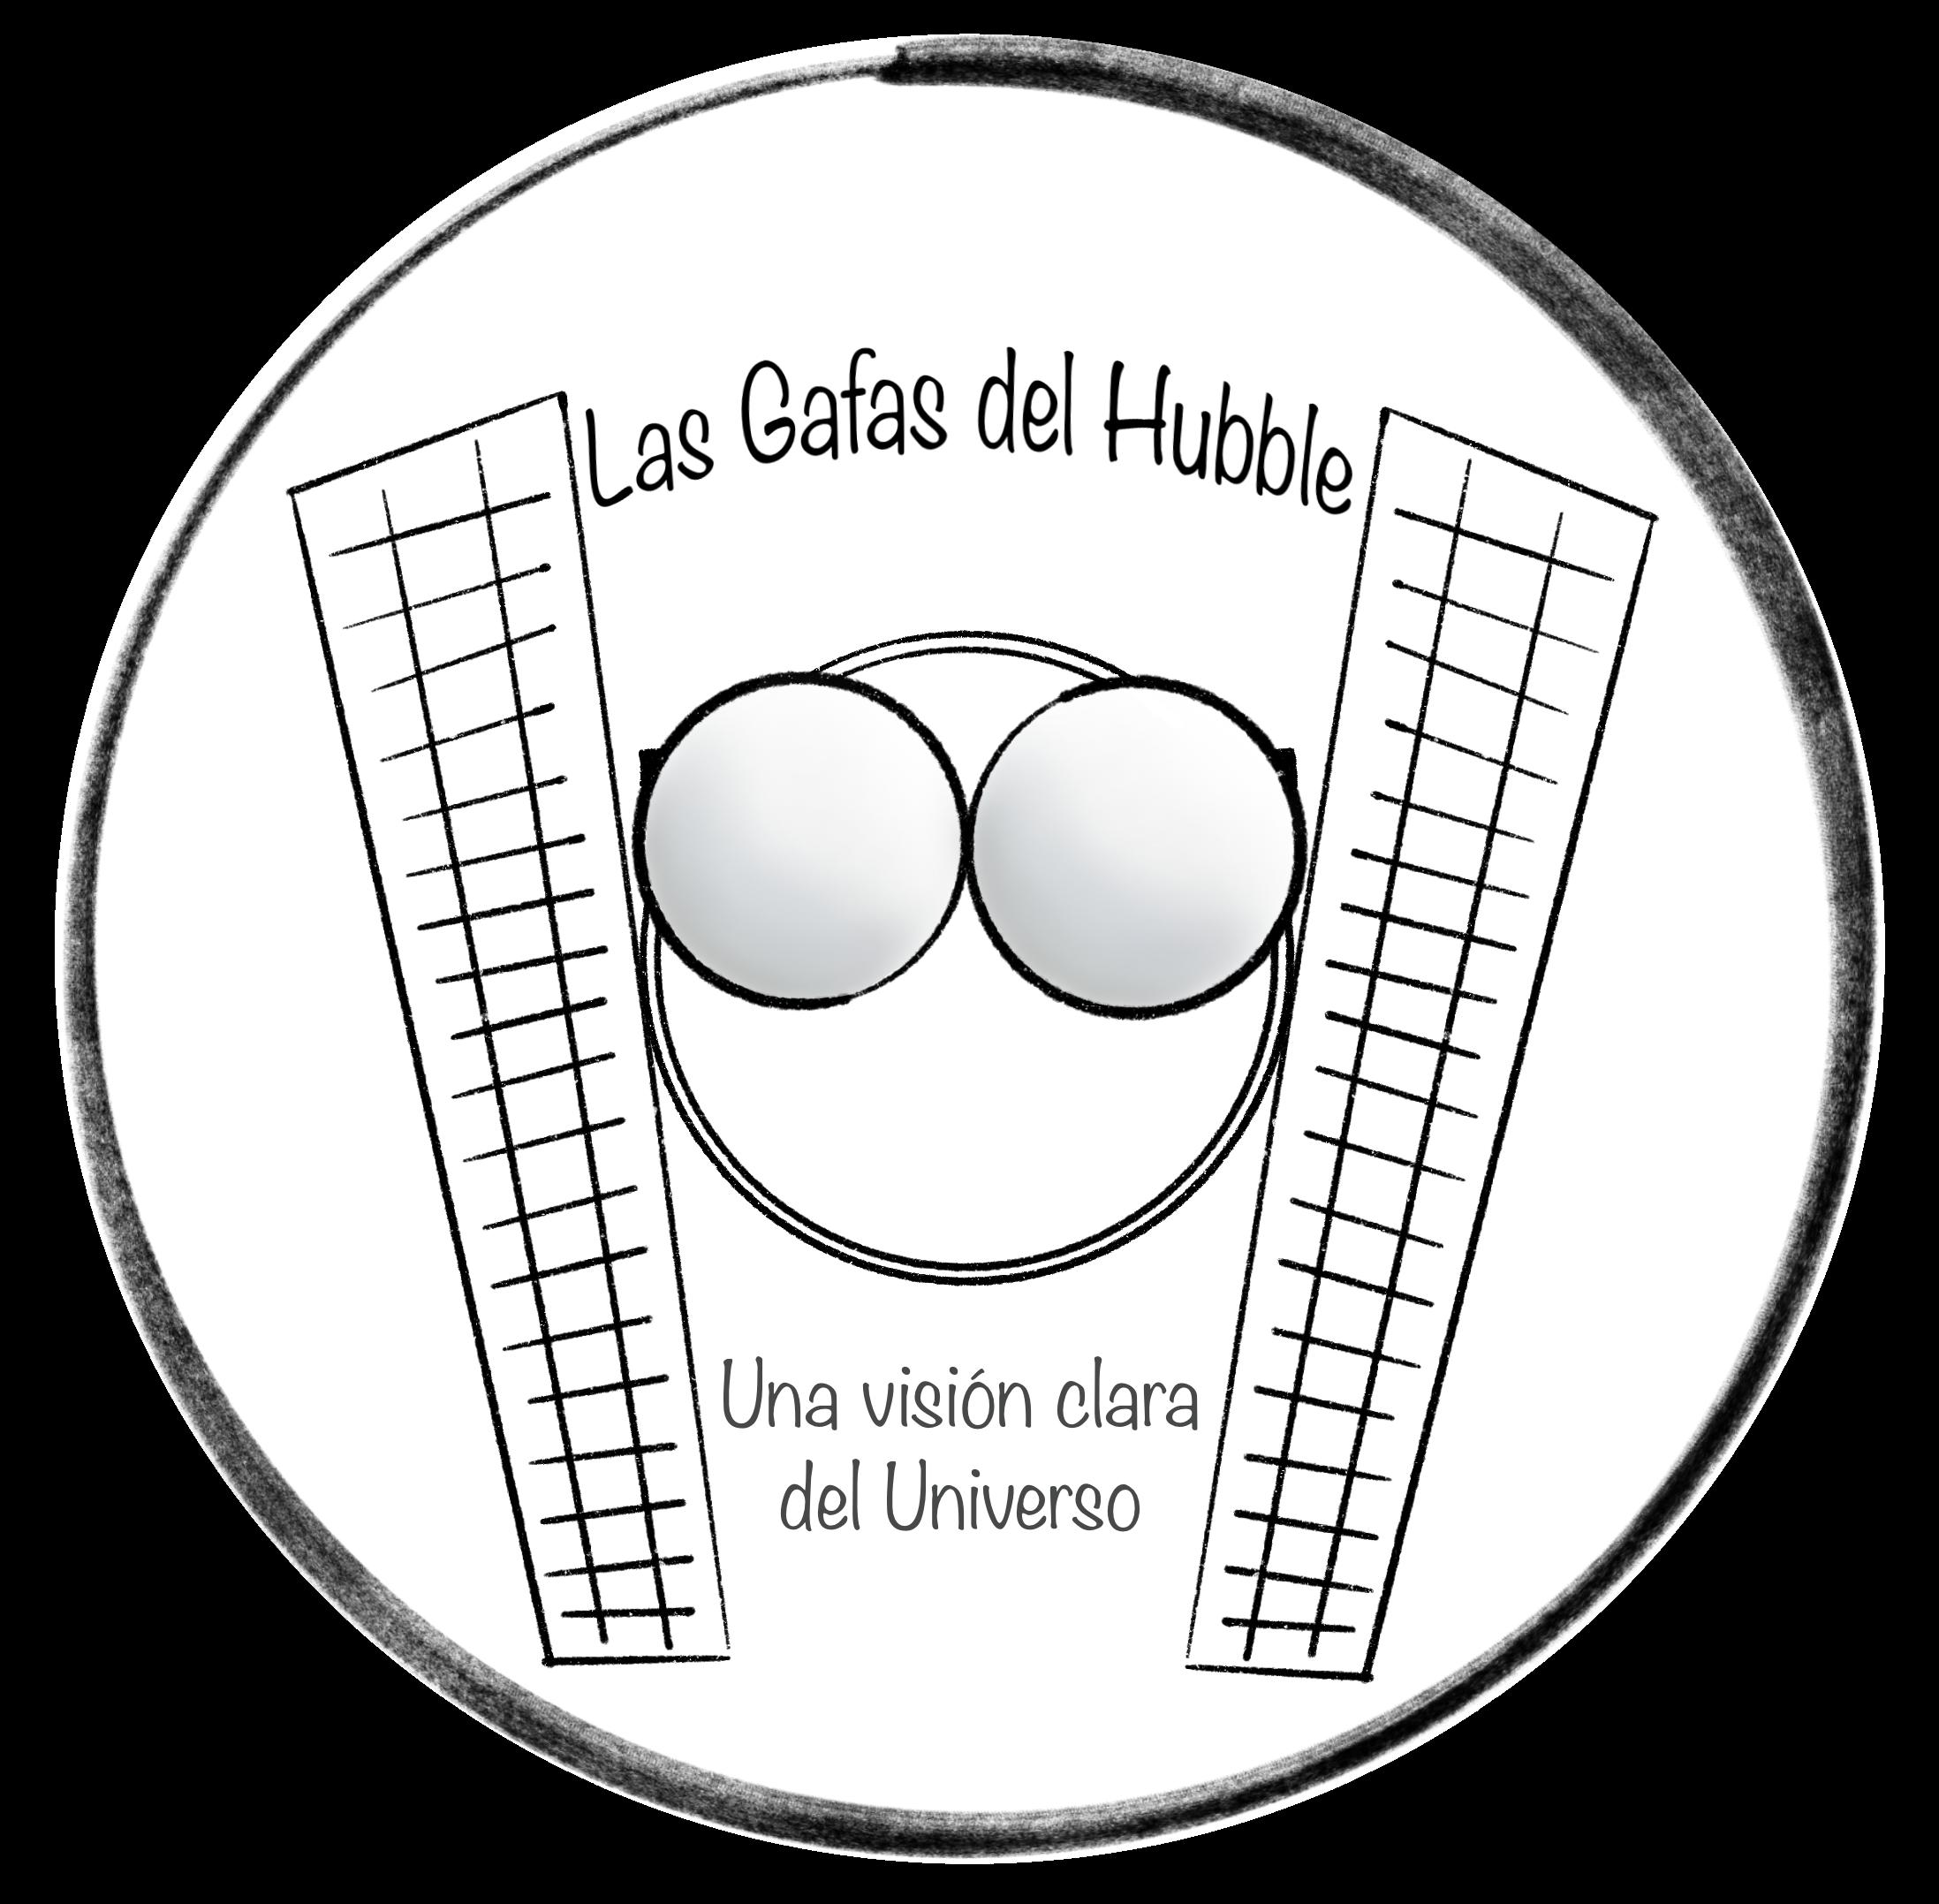 Las Gafas del Hubble